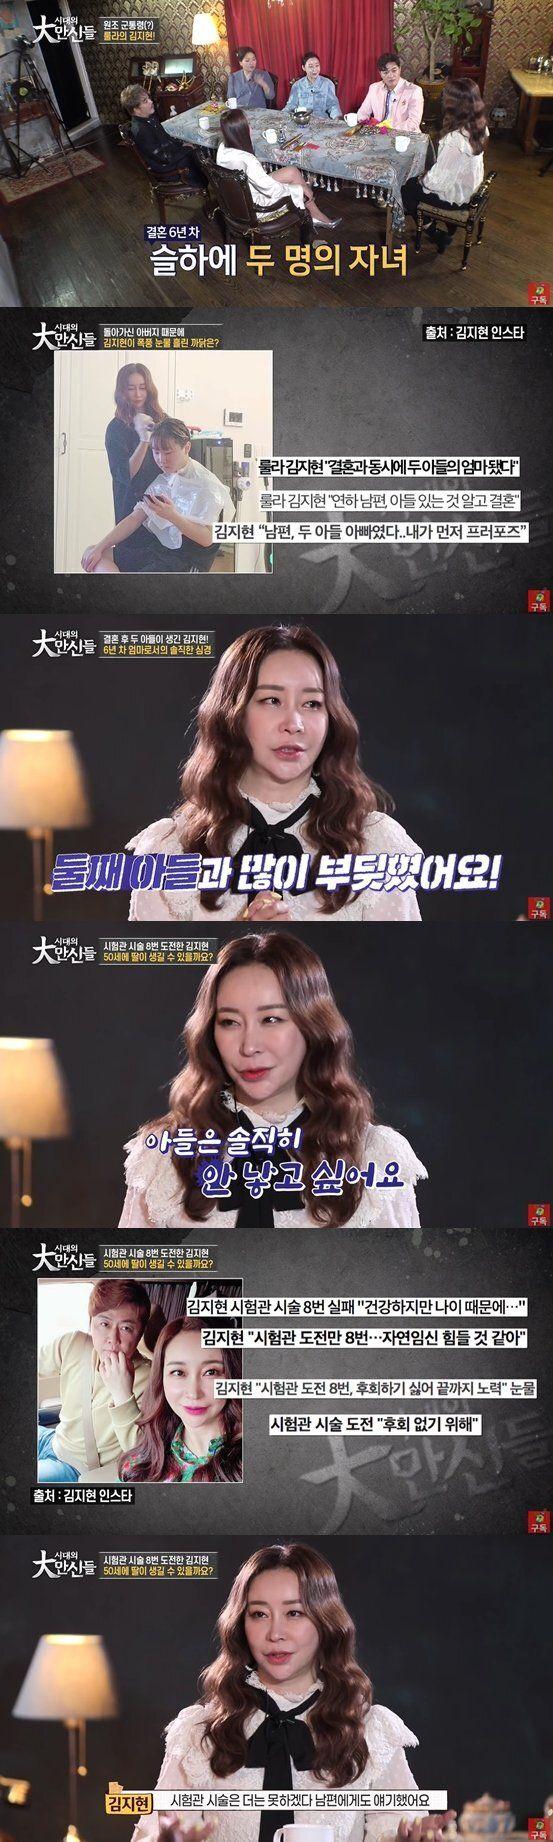 지난 21일 공개된 유튜브 '시대의 대만신들'에는 김지현이